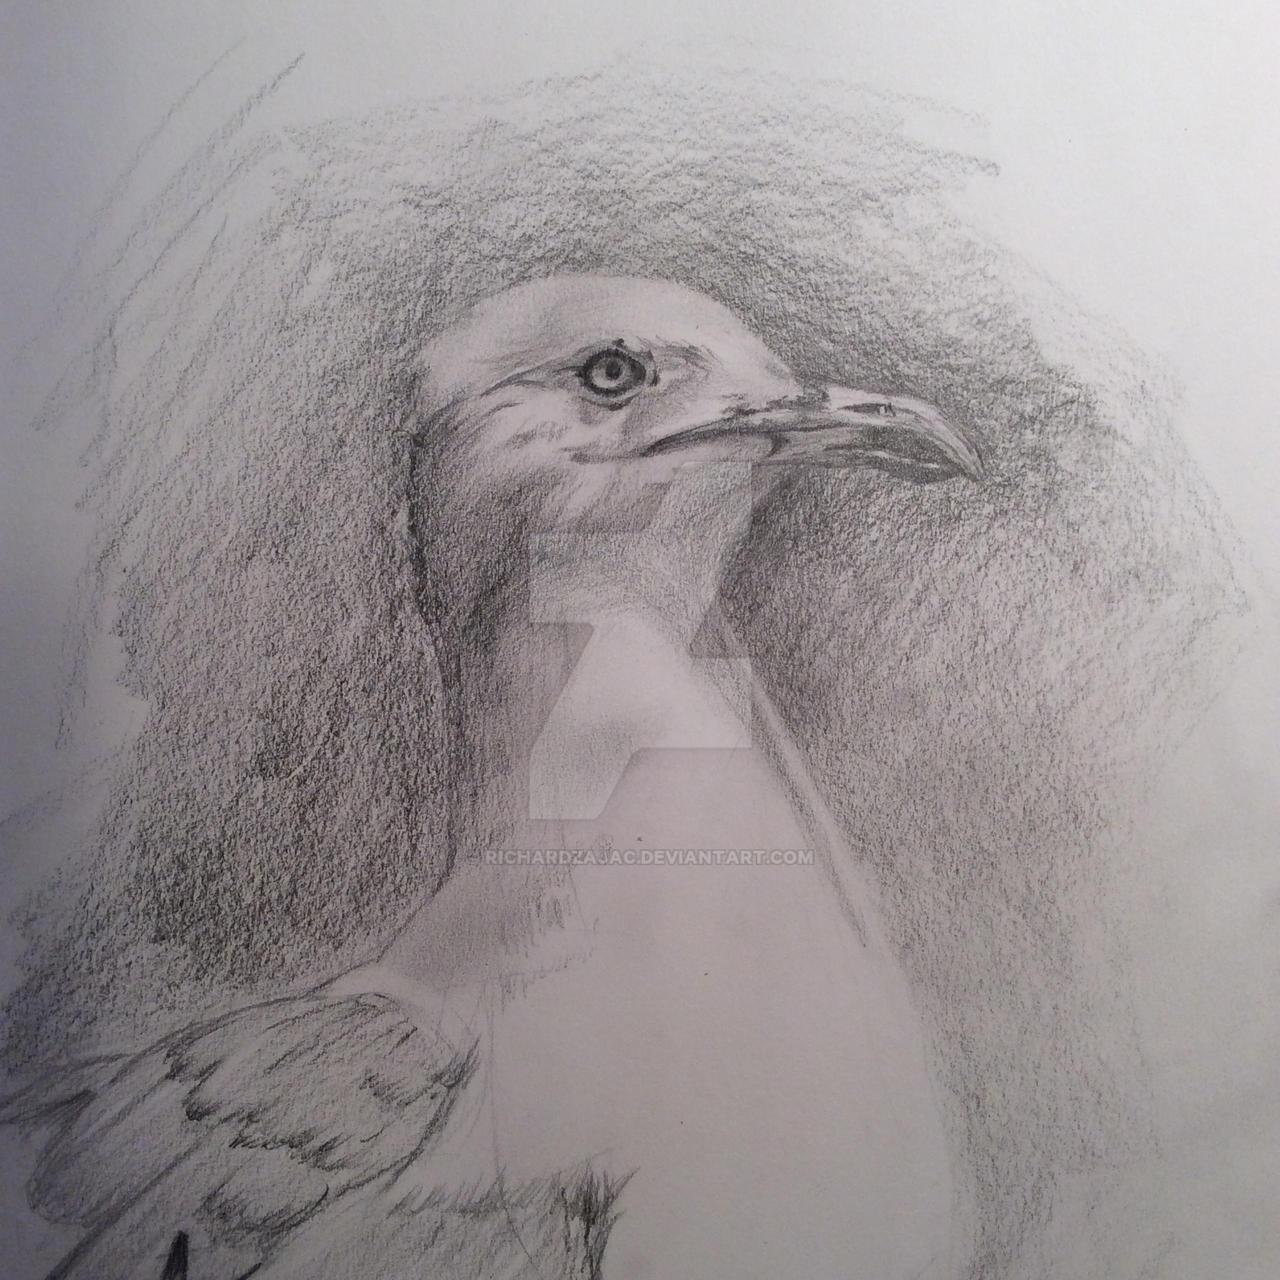 Seagull by Richard Zajac